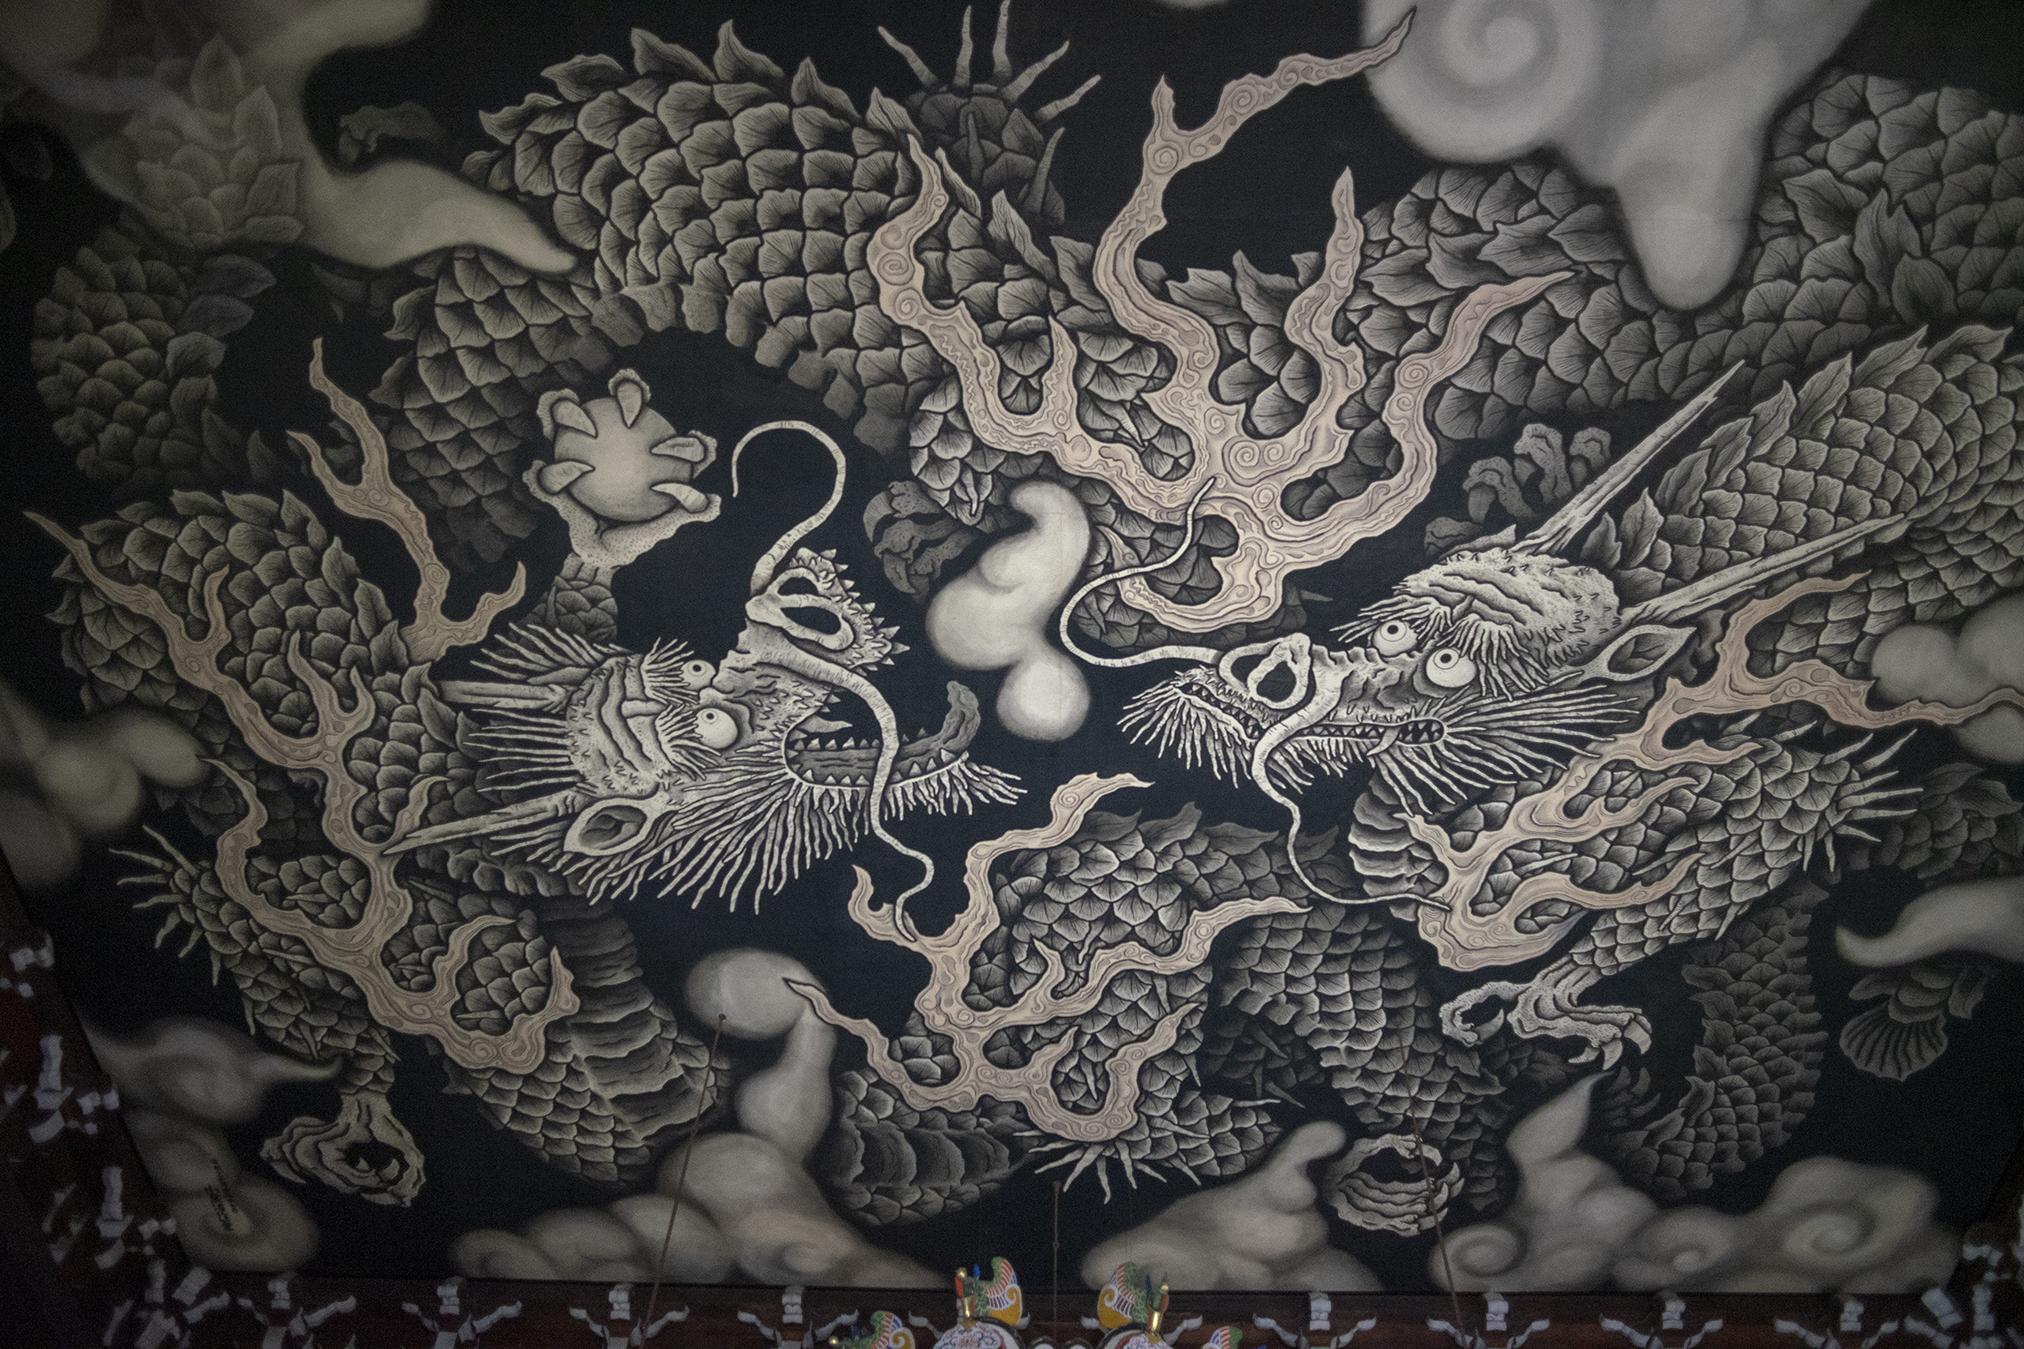 京都最古の禅寺「建仁寺」のアートが美しすぎる